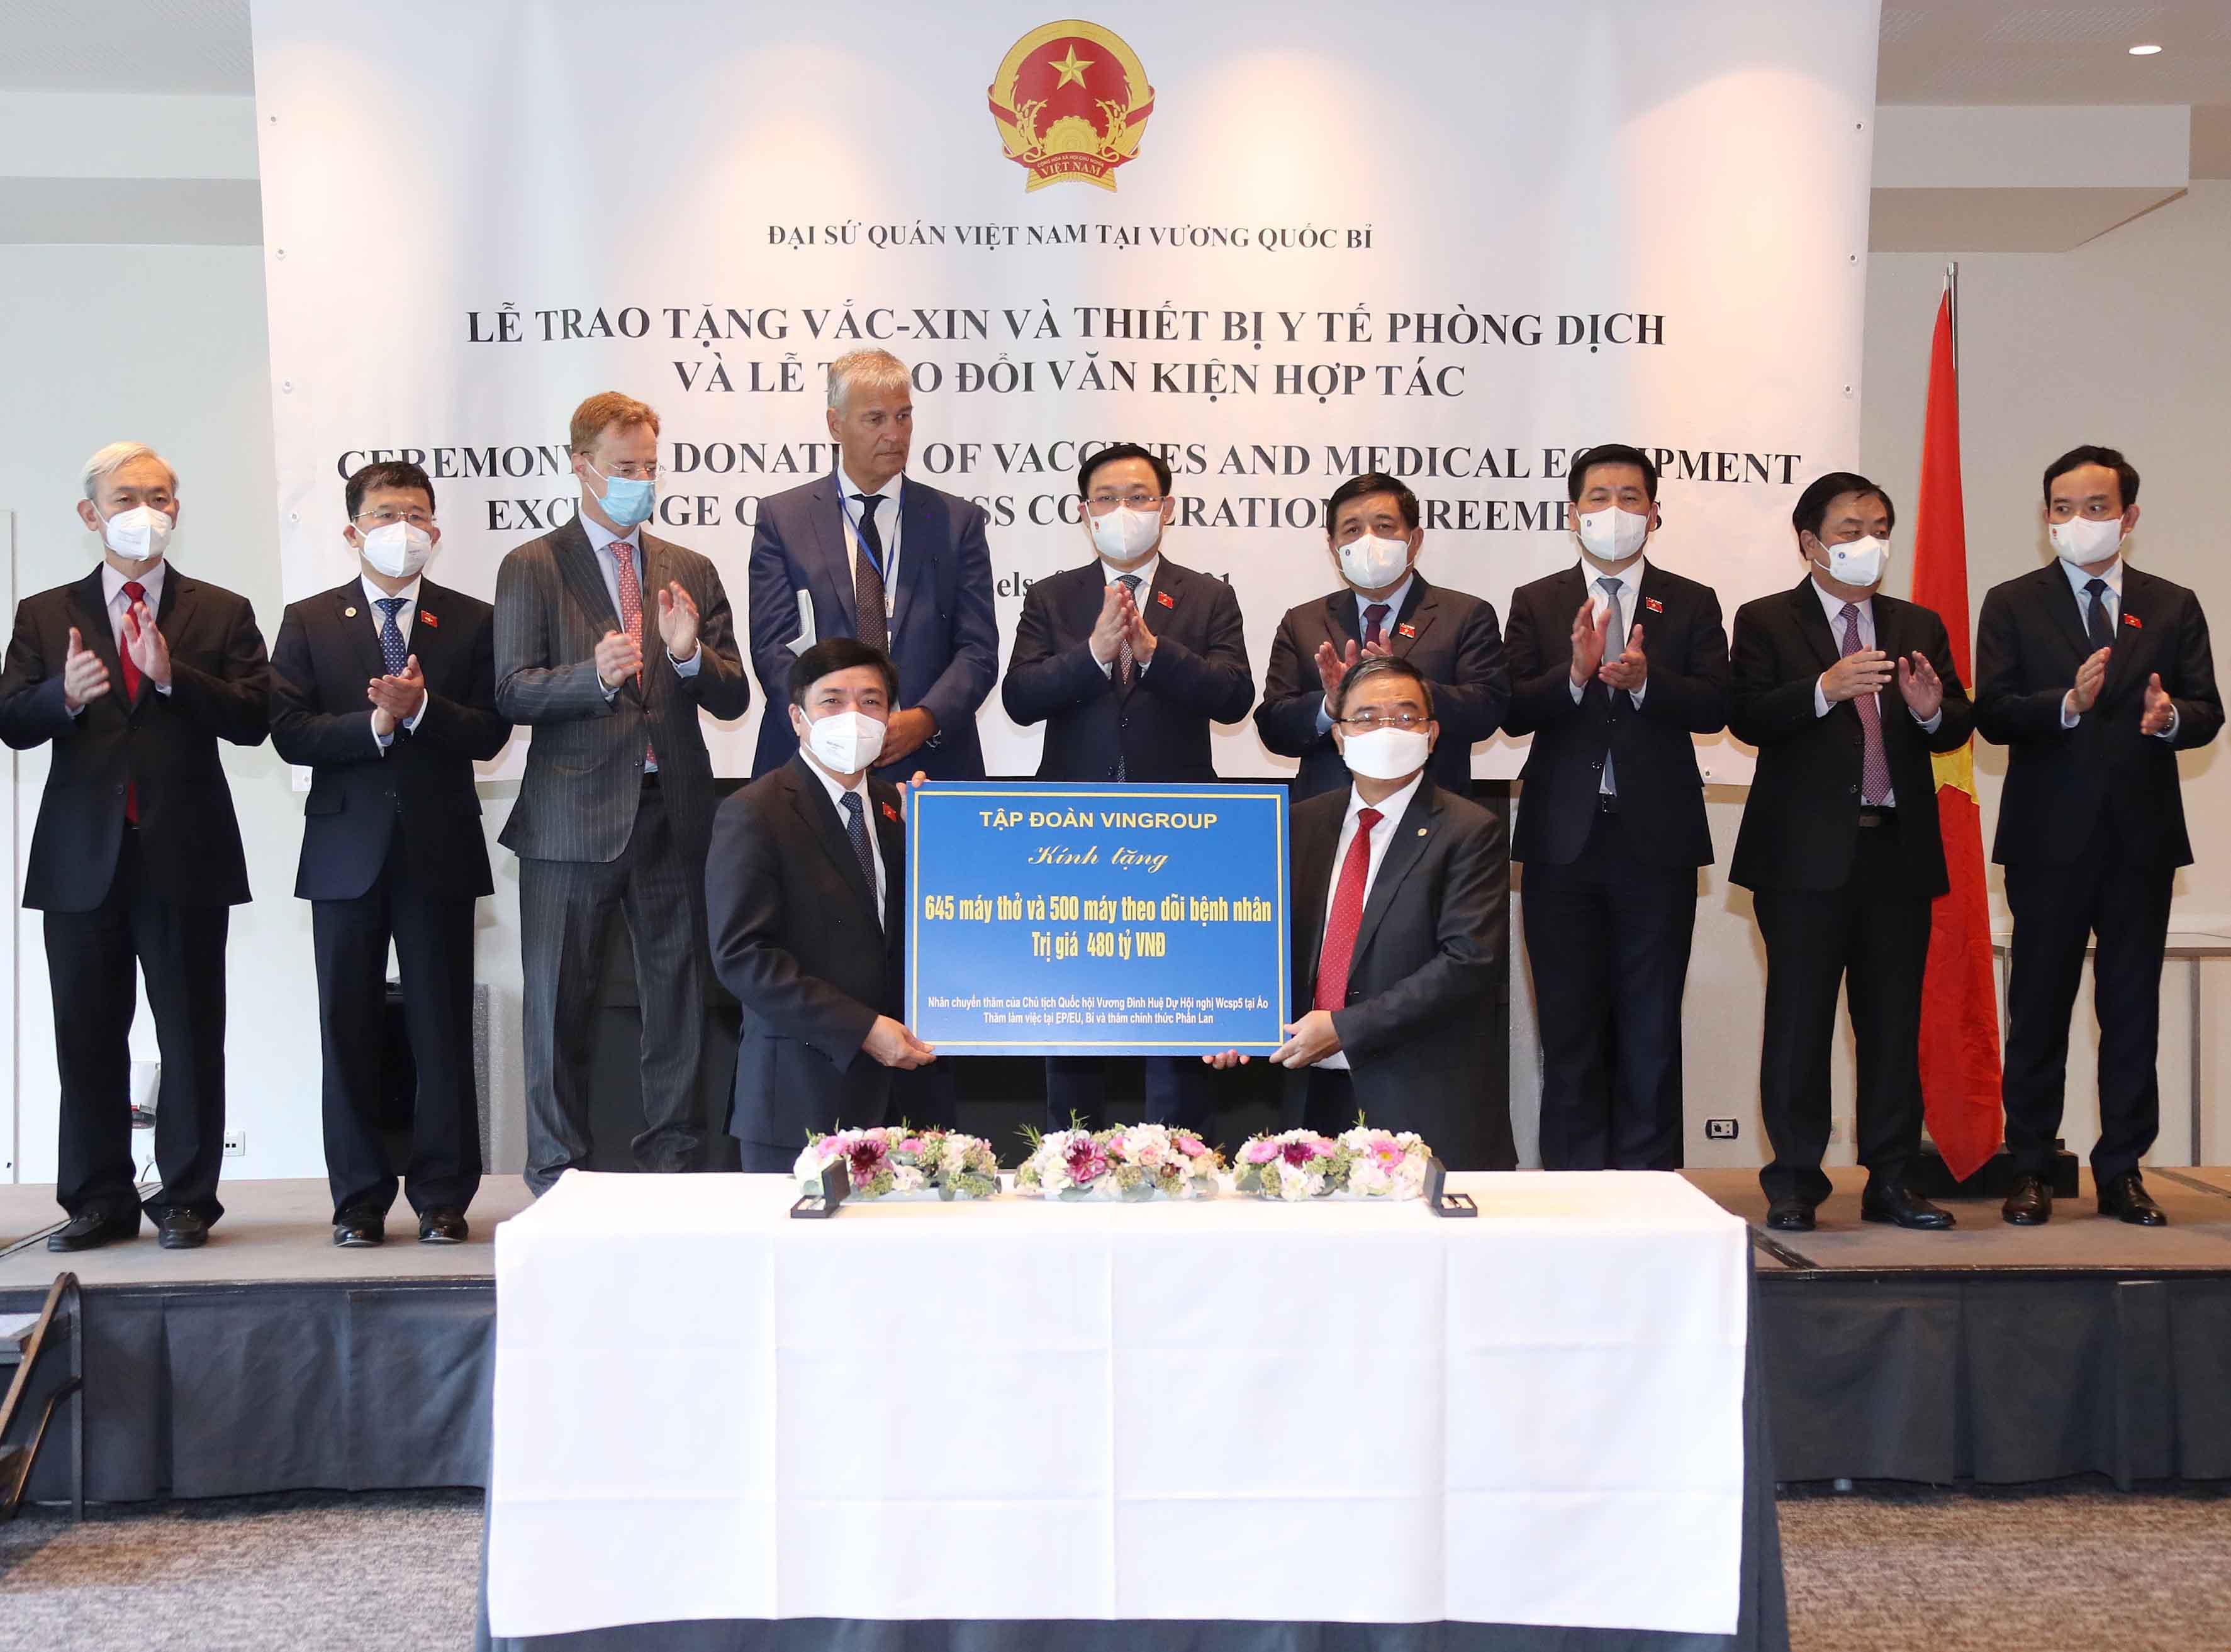 Chuyến đi mang về hàng chục tỉ USD và tầm nhìn chiến lược của Chủ tịch Quốc hội Vương Đình Huệ - Ảnh 8